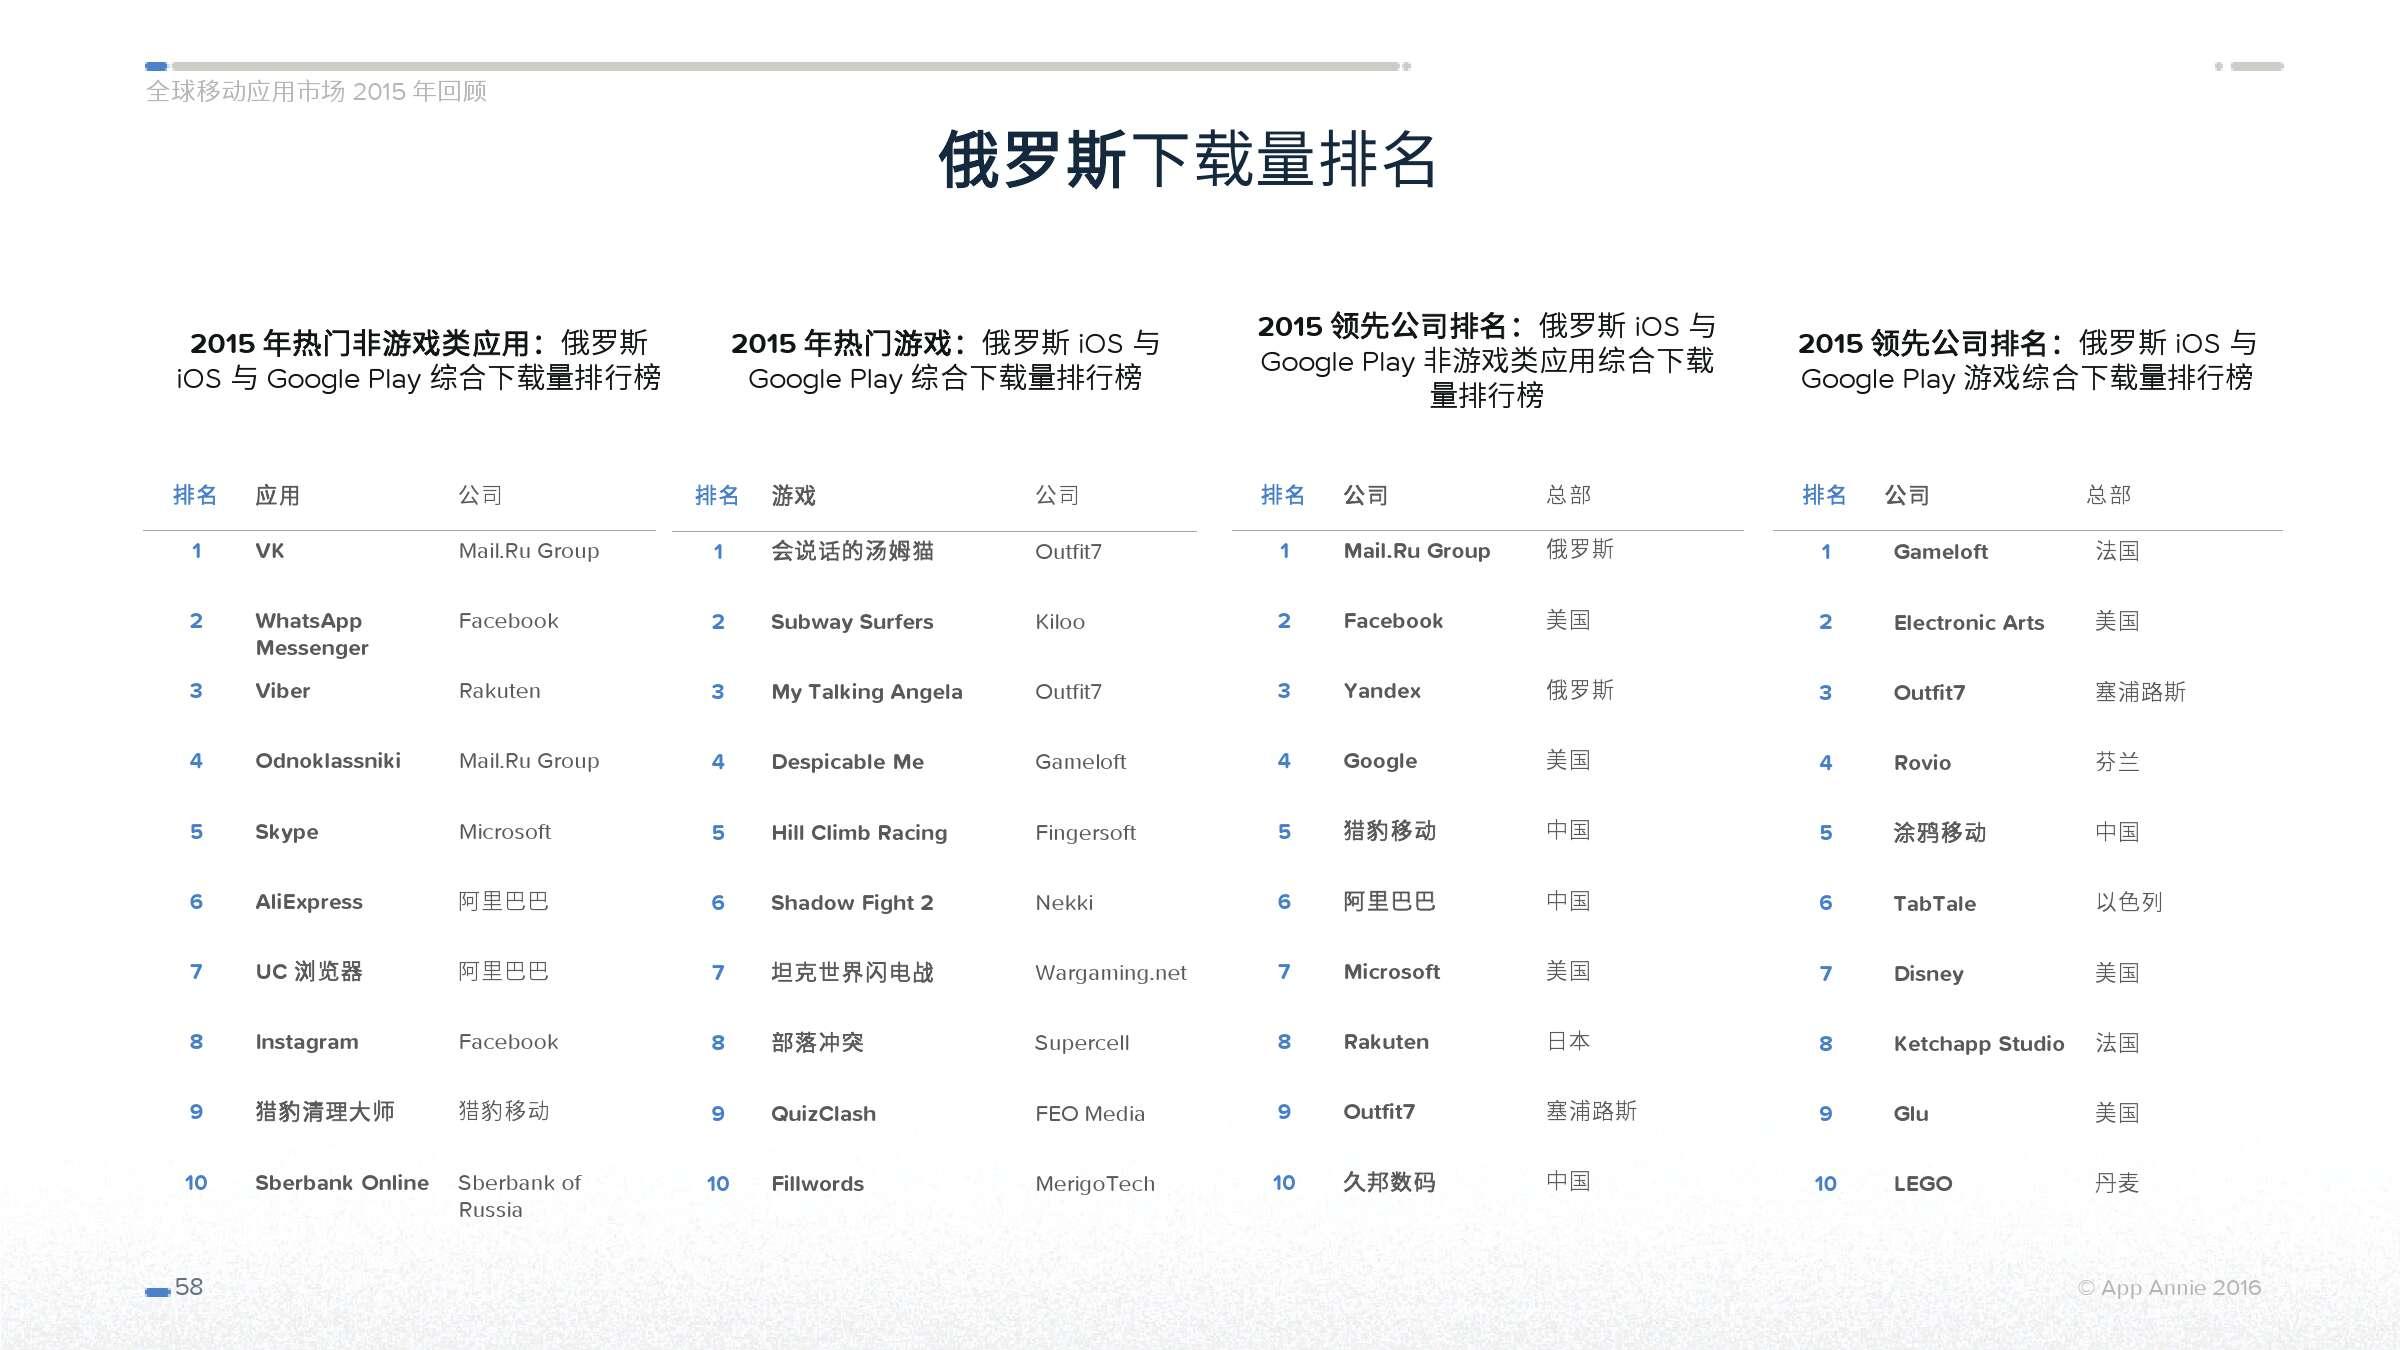 App Annie 全球移动应用市场 2015 年回顾_000058